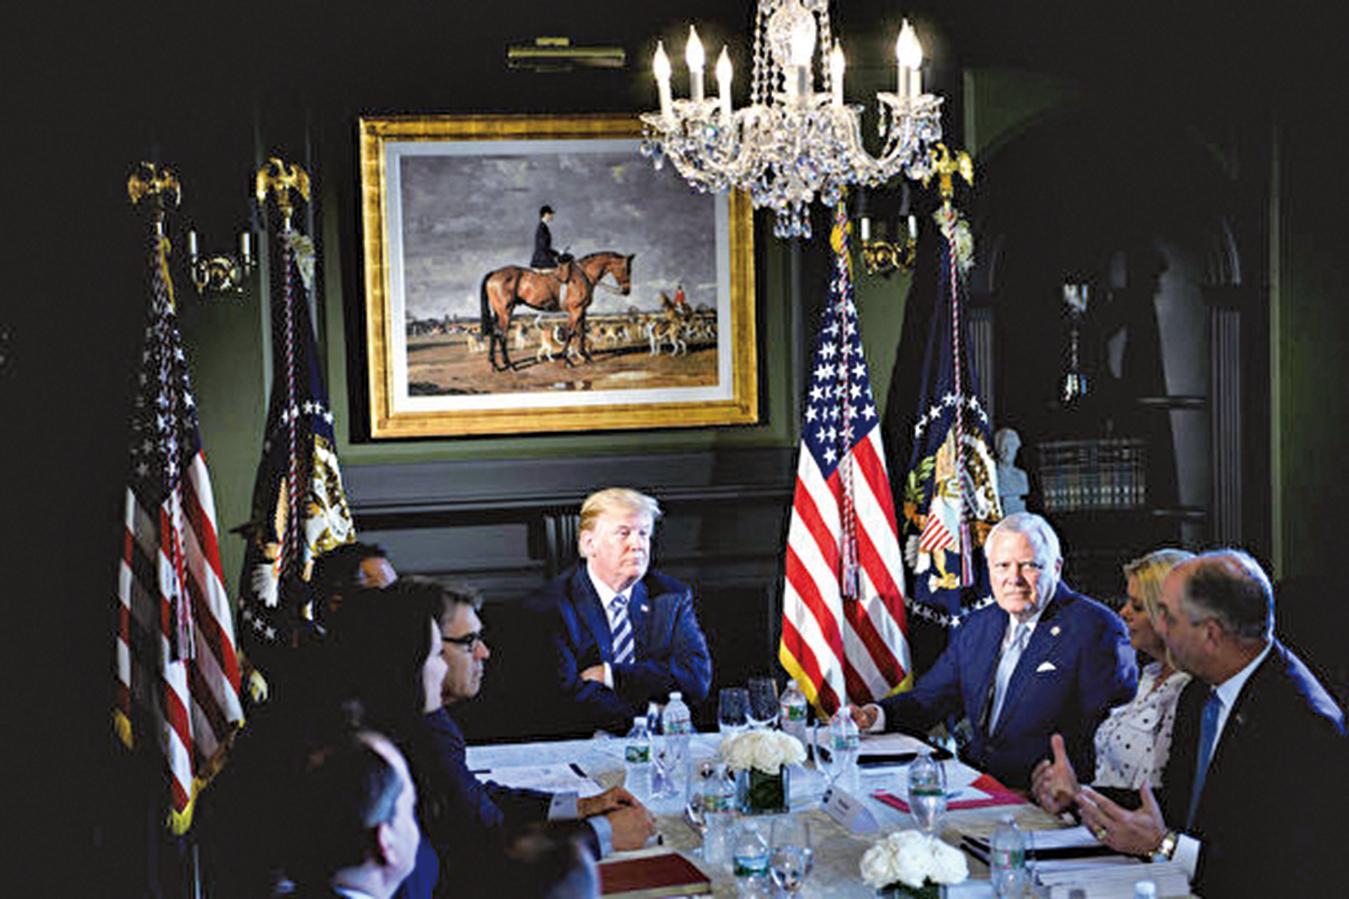 美國參議院通過了總統特朗普支持的獄改法案。圖為特朗普今年8月9日參加監獄改革會議。(AFP)